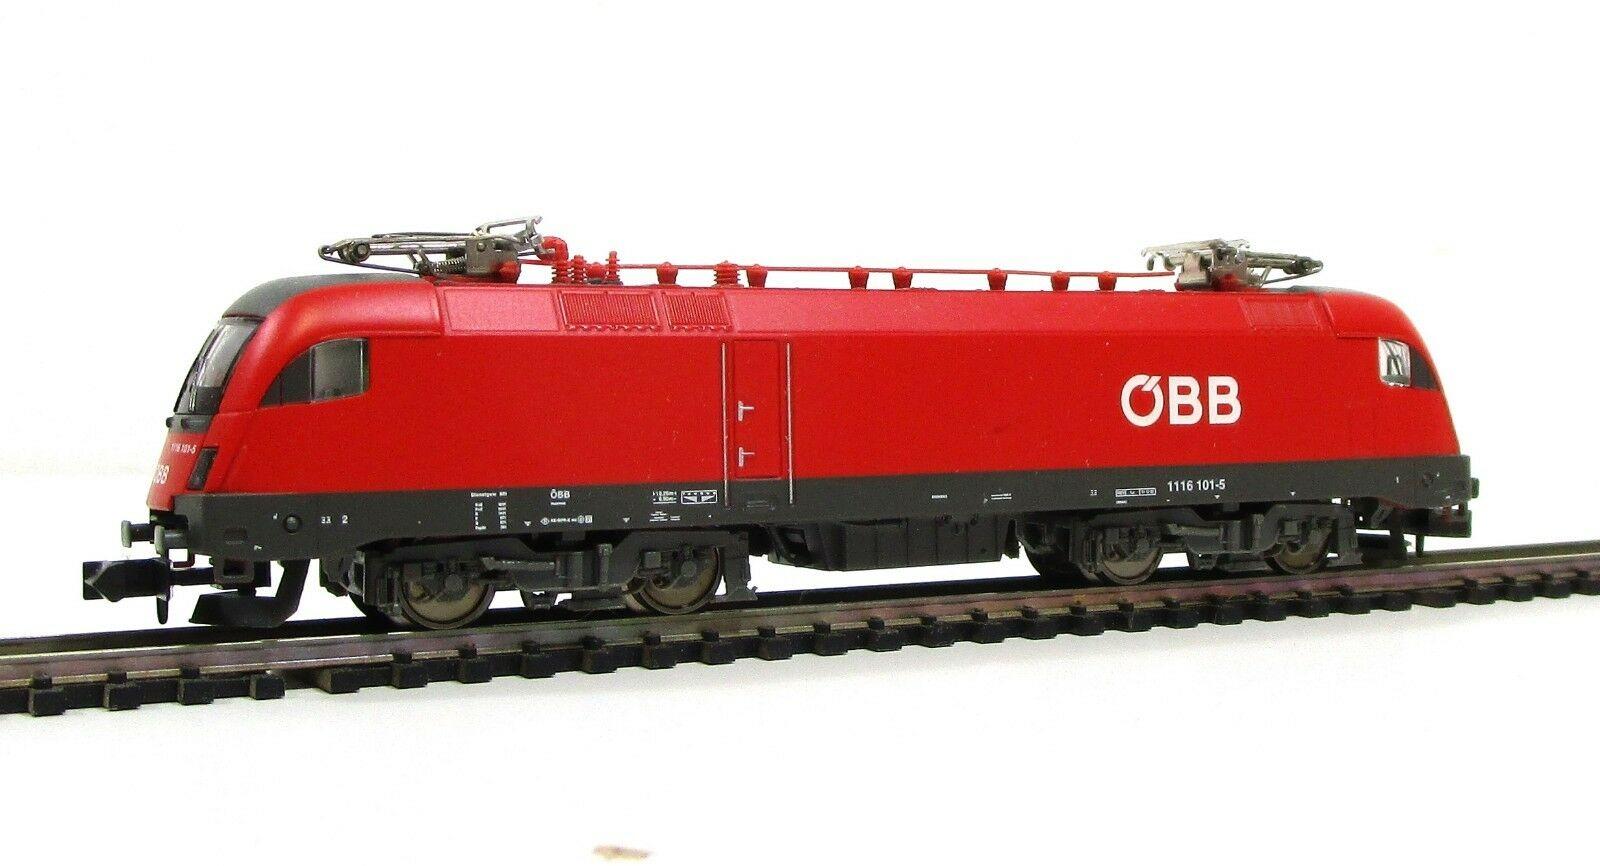 画像1: 鉄道模型 ミニトリックス MiniTrix 12764 OBB BR 1116 101-5 電気機関車 Nゲージ